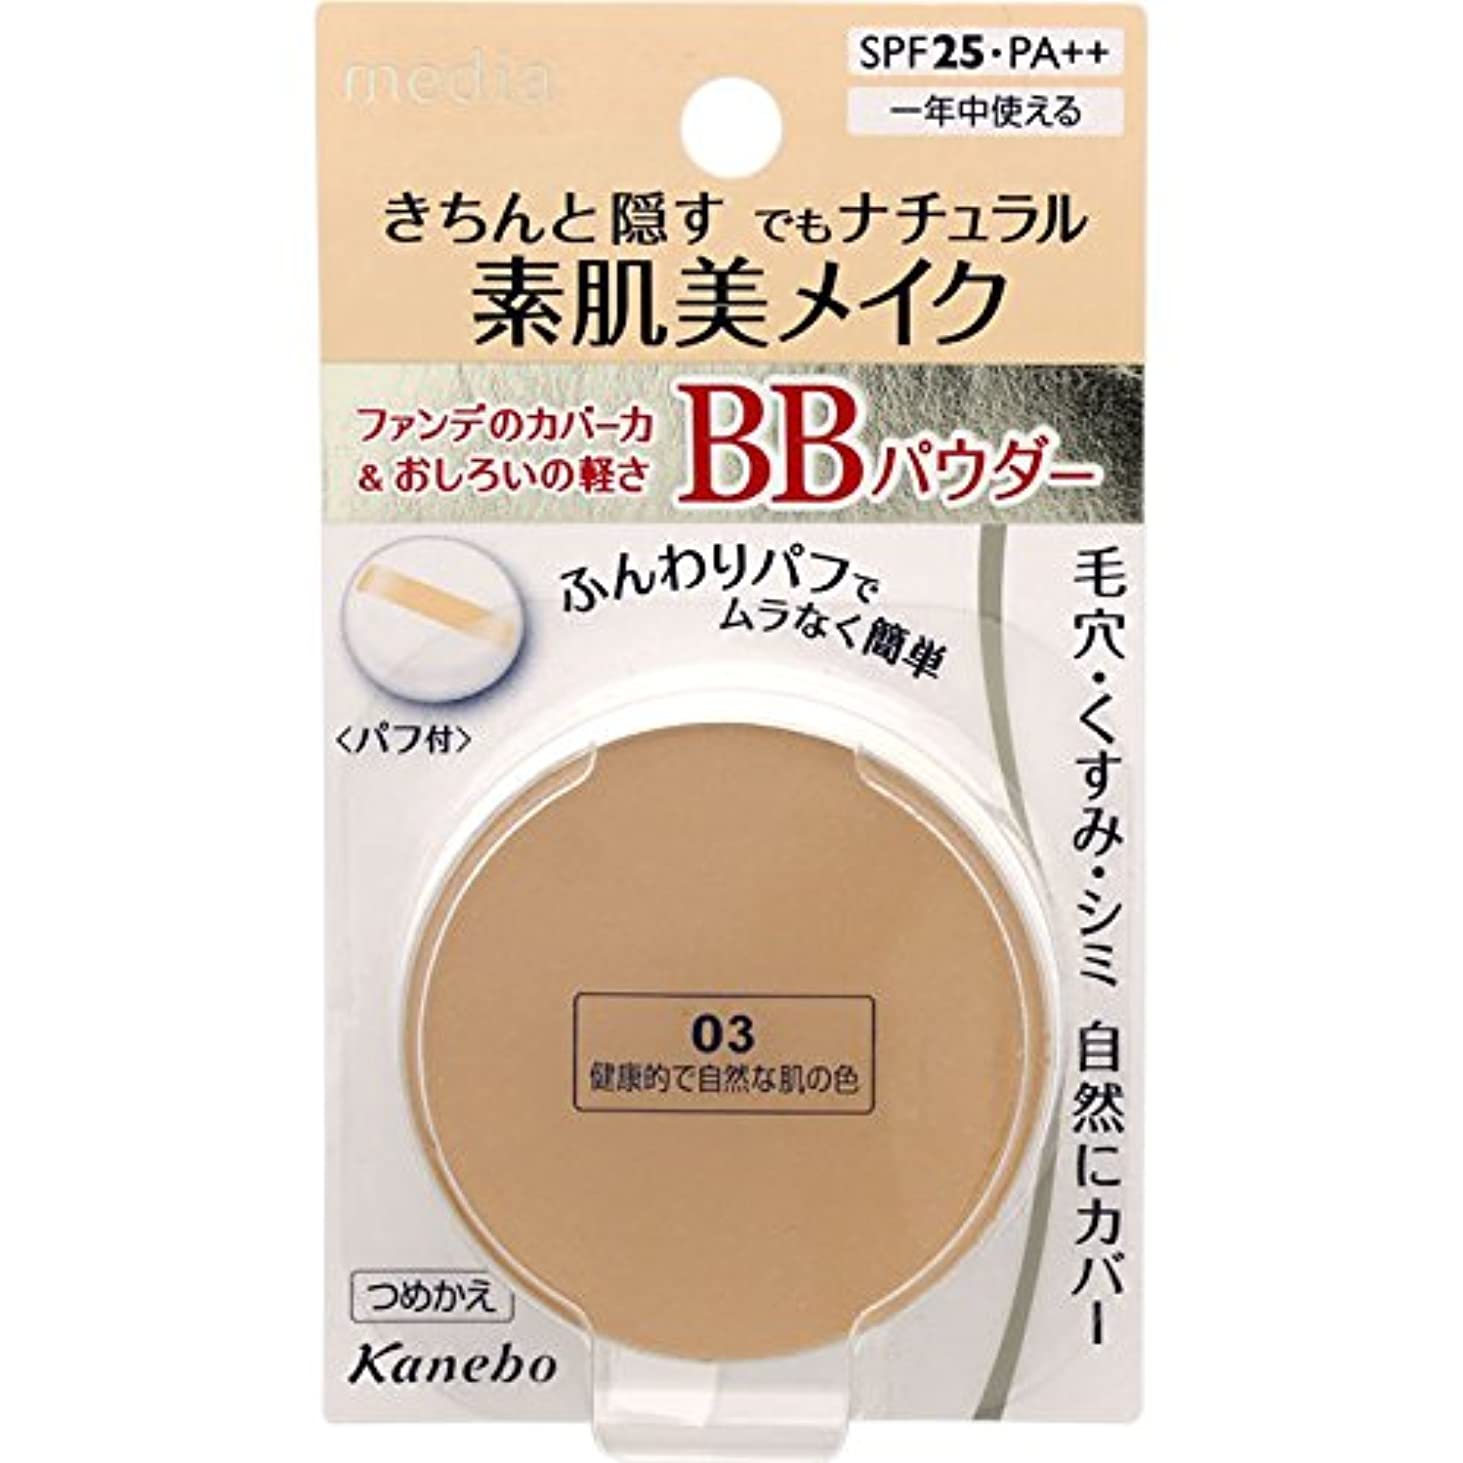 民間クスコもメディアBBパウダー03(健康的で自然な肌の色)×5